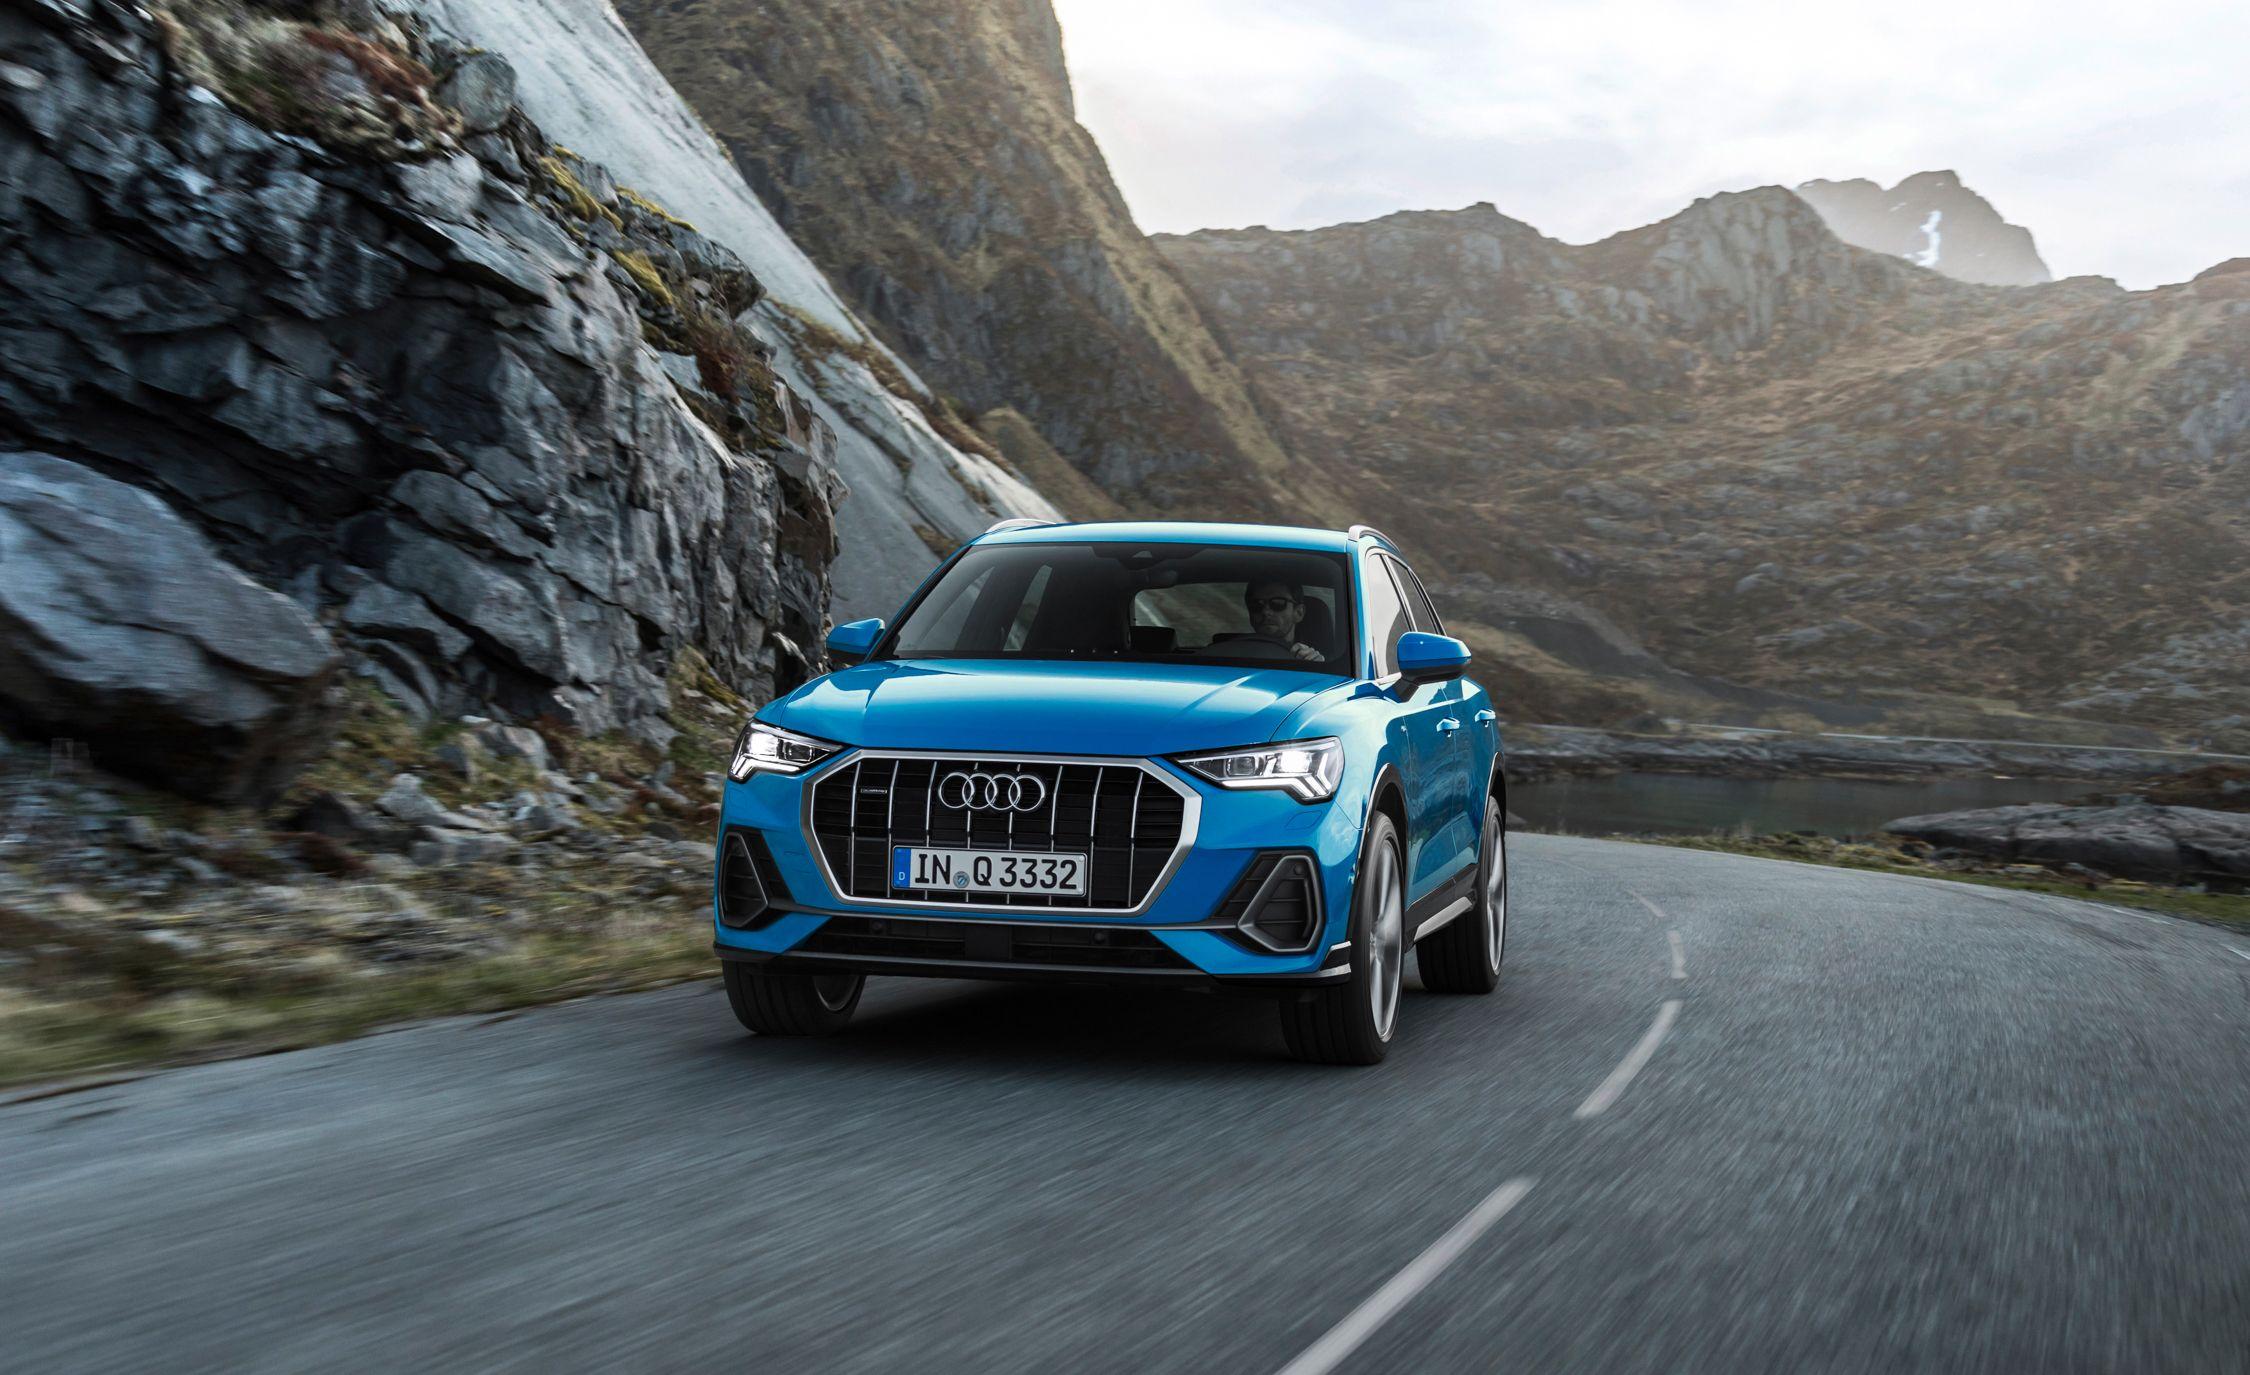 Audi Q3 Reviews Audi Q3 Price s and Specs